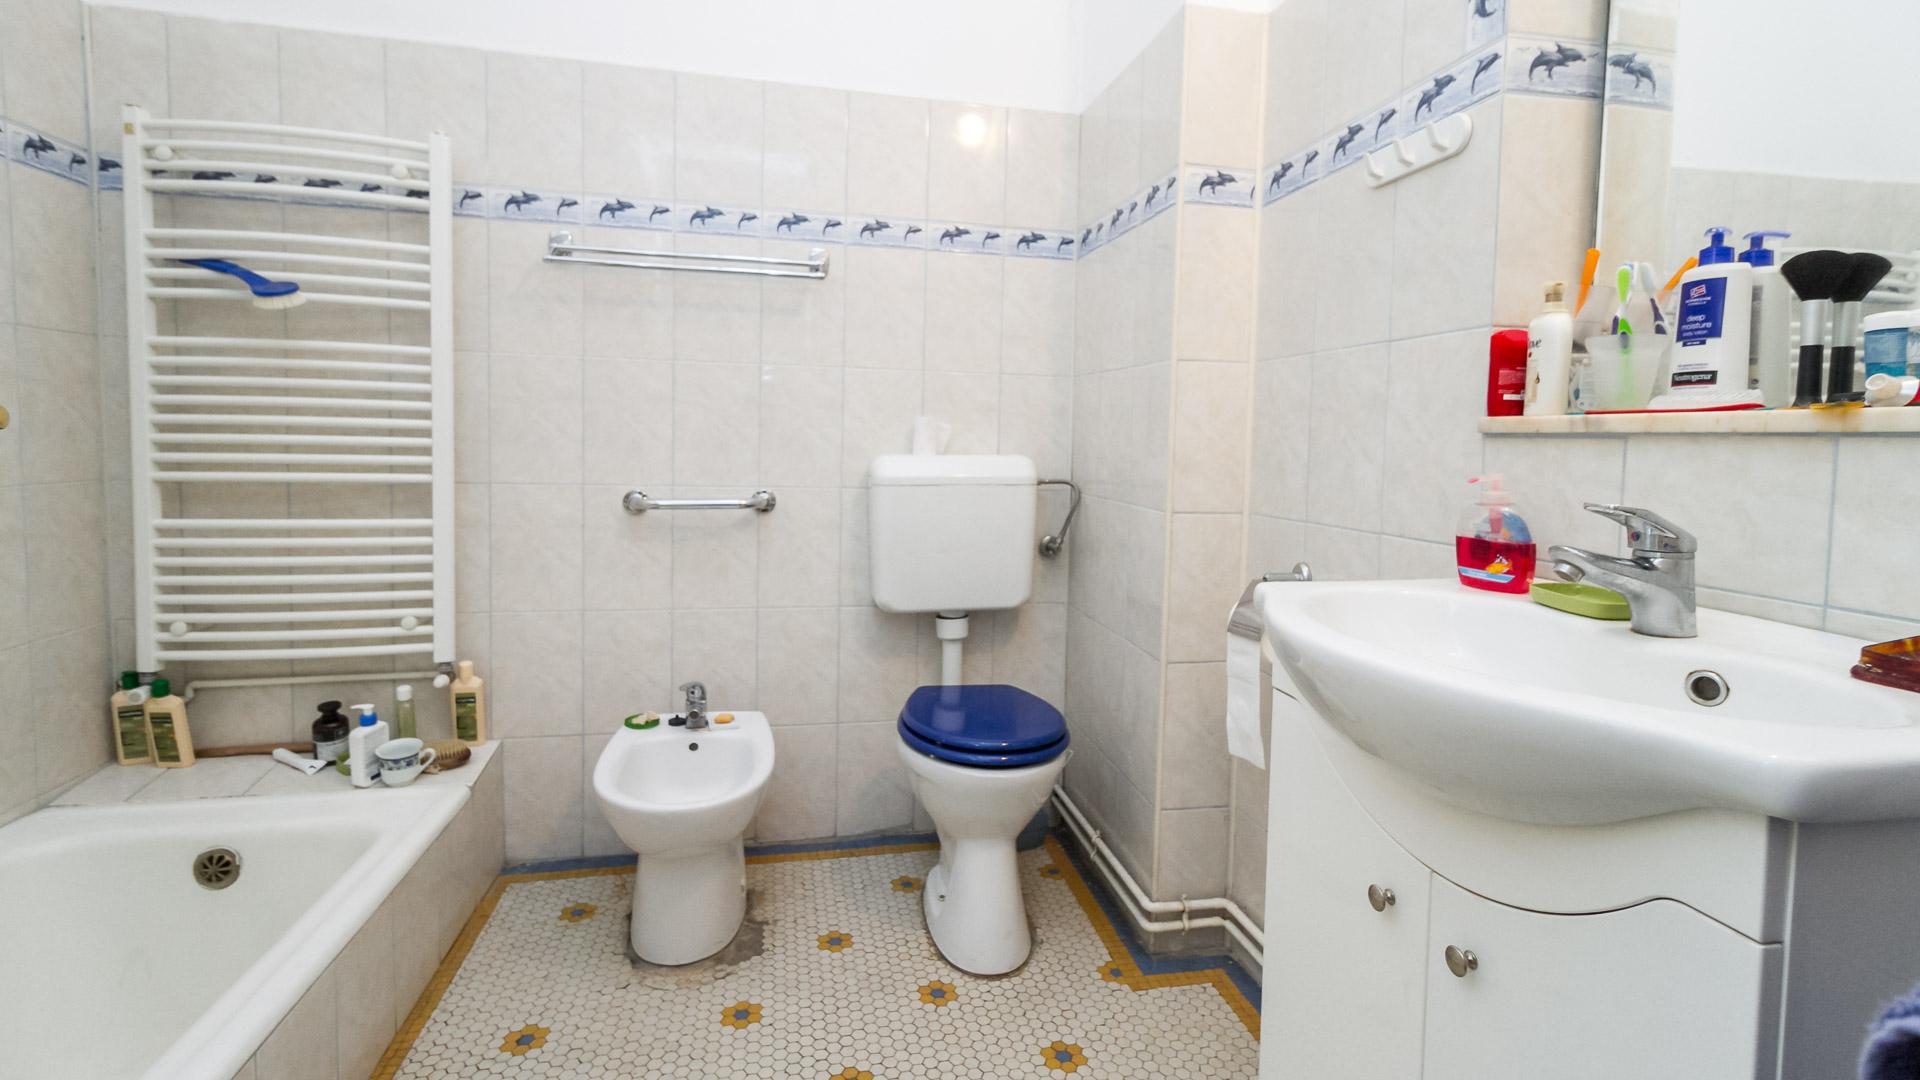 baie-cada-apartament-4-camere-parter-vila-interbelica-Parc-Carol